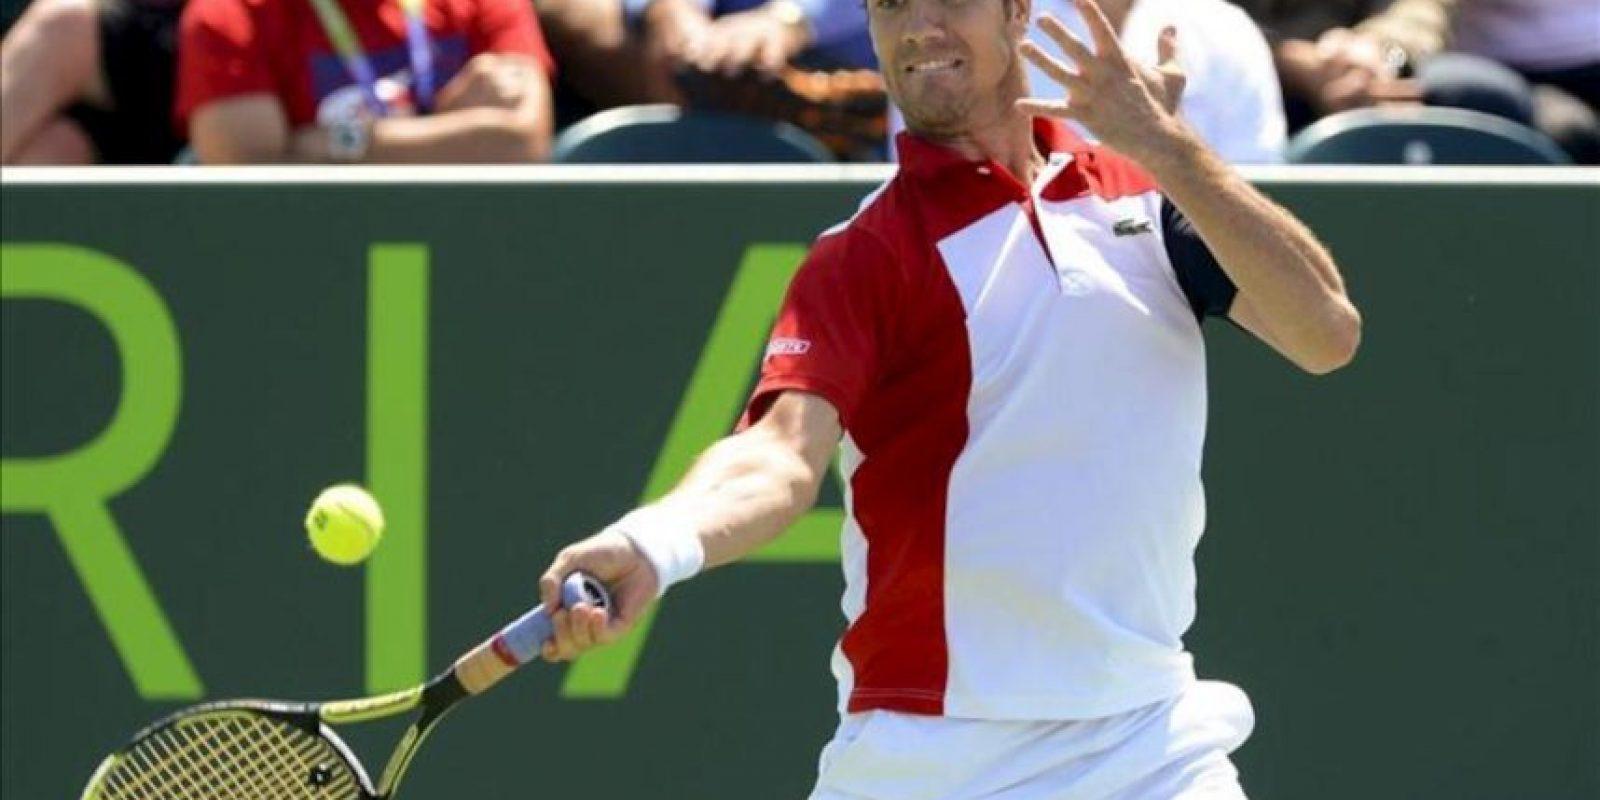 El tenista francés Richard Gasquet devuelve la bola al español Nicolás Almagro durante el partido de cuarta ronda del torneo de tenis de Miami que disputaron en Miami, Florida, Estados Unidos. EFE